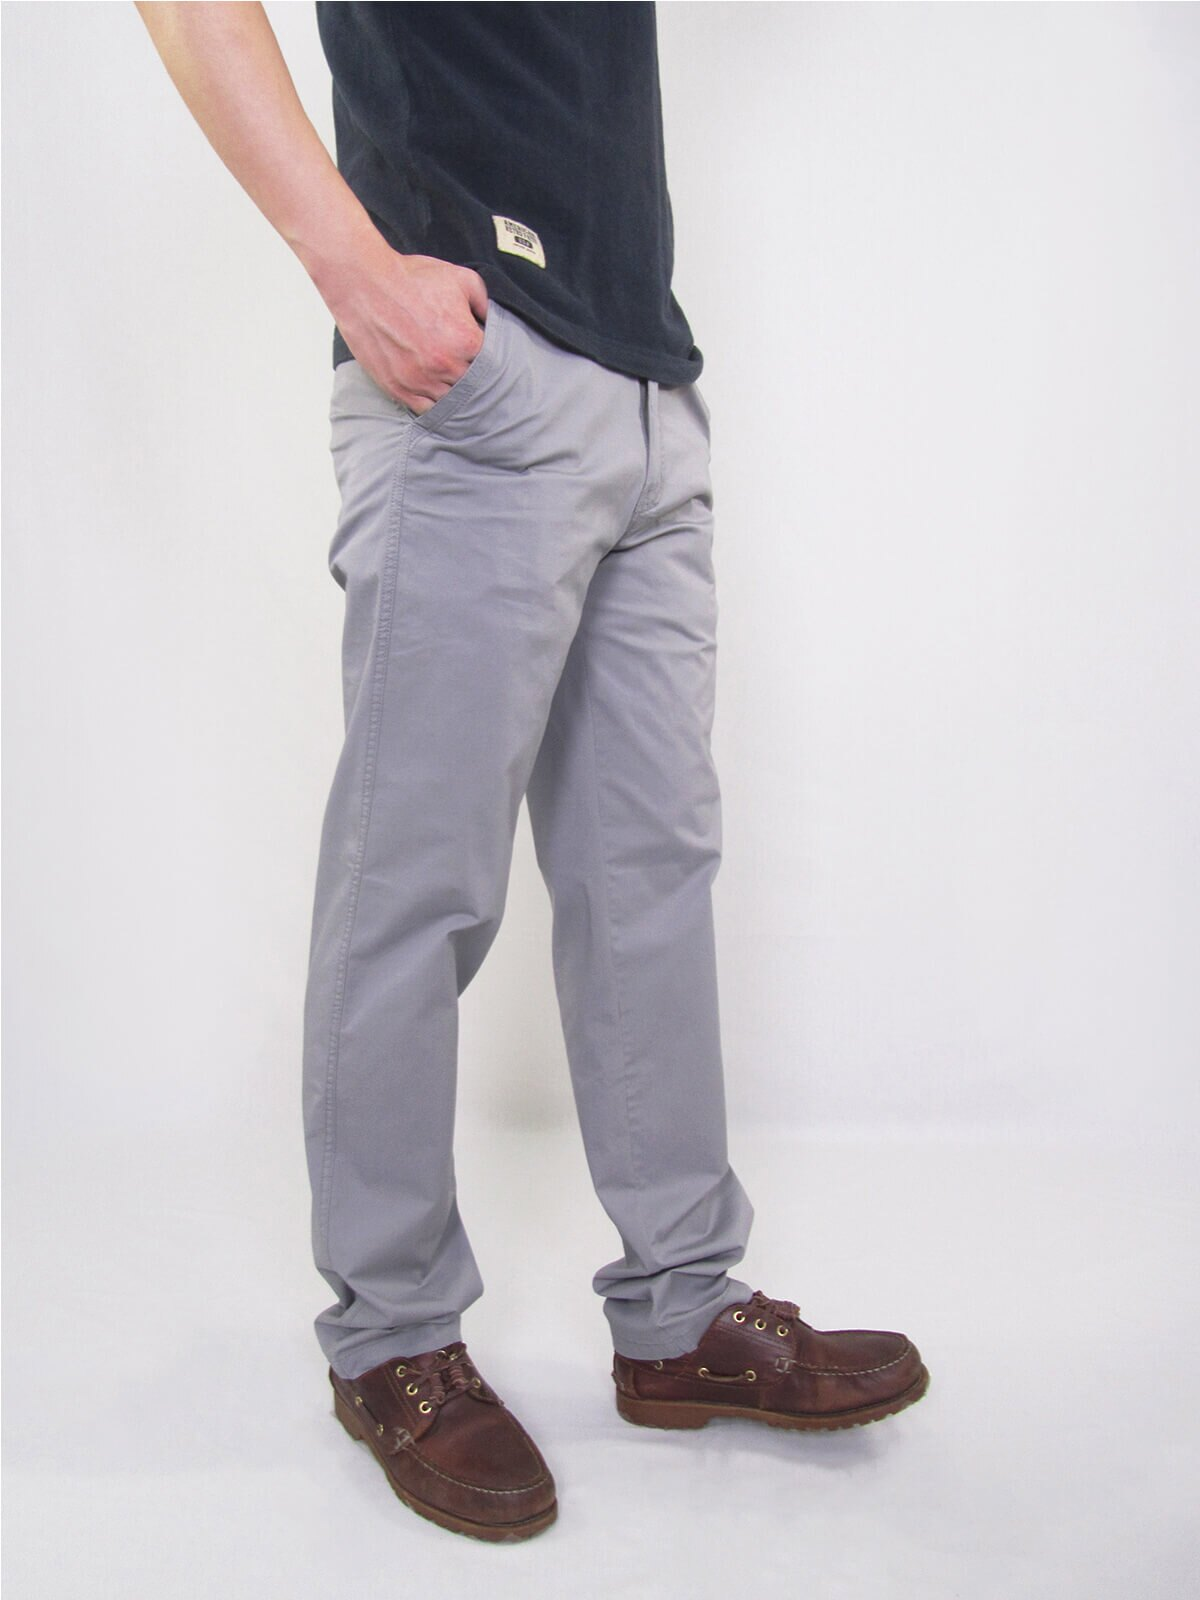 加大尺碼精梳棉平面休閒長褲 大尺寸顯瘦彈性長褲 時尚卡其長褲 PANTS (327-8106-01)銀灰色、(327-8106-02)卡其色 L XL 2L 3L 4L 5L (腰圍30~40英吋) [實體店面保障] sun-e 8